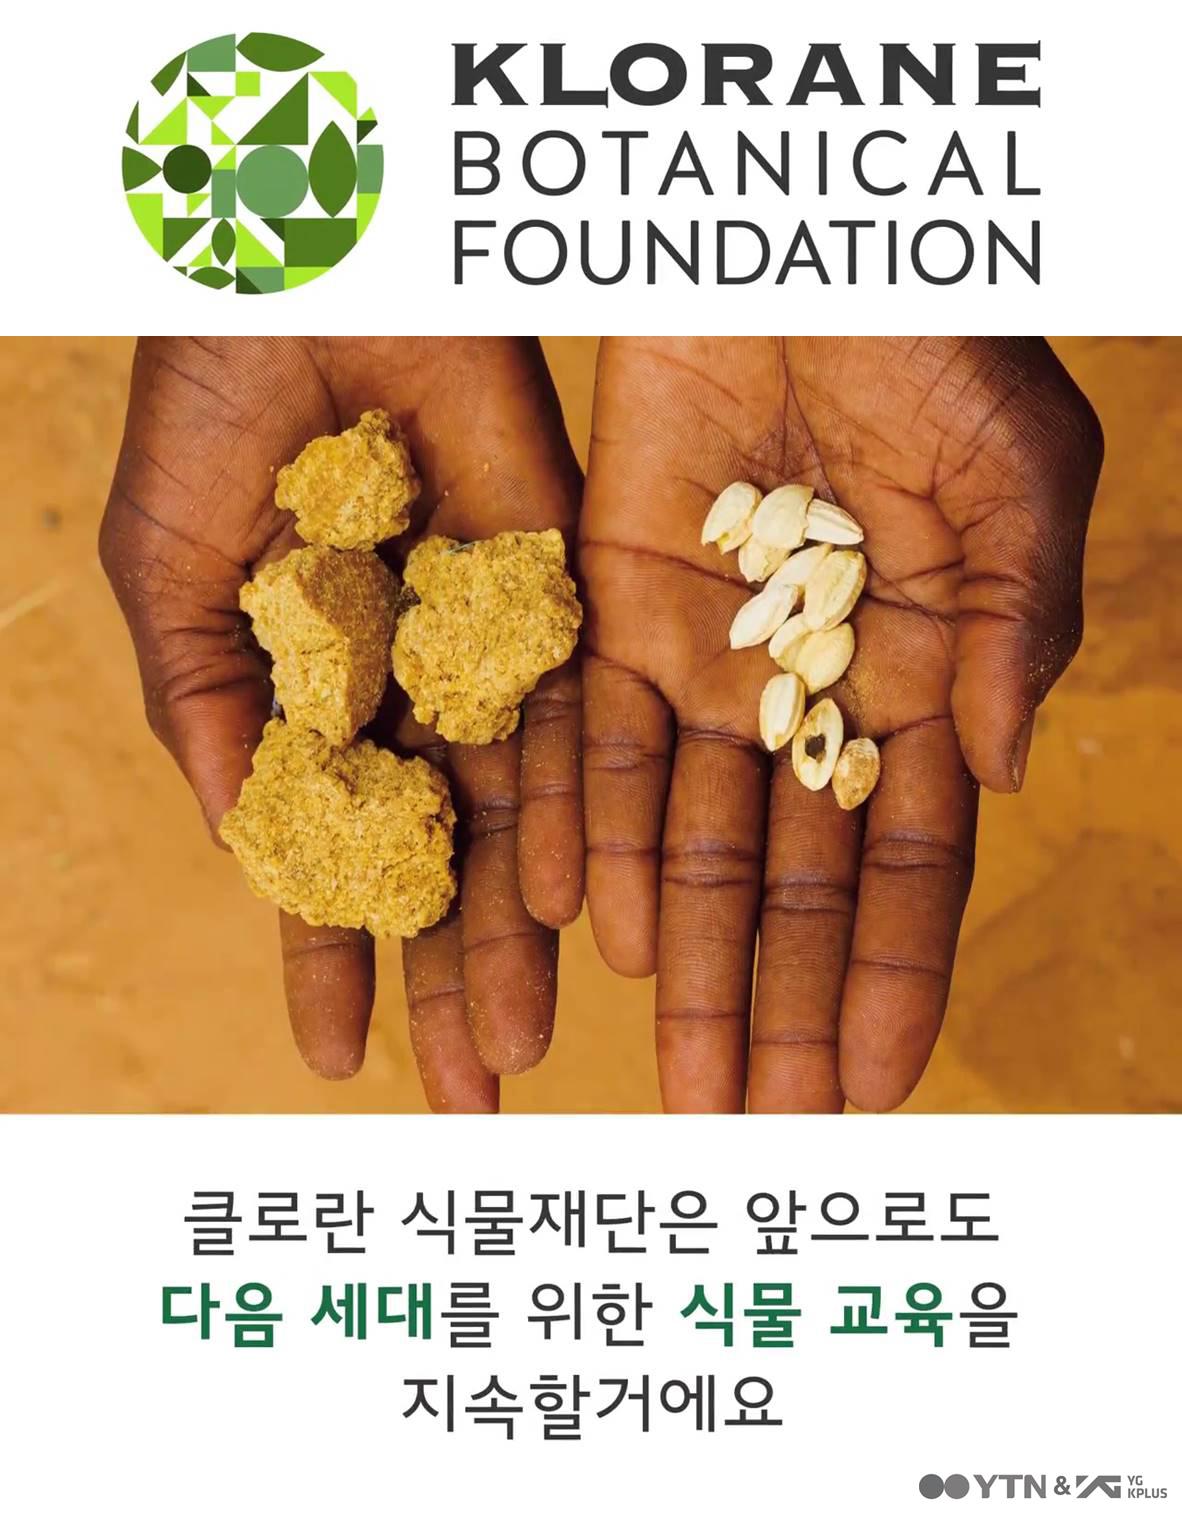 클로란 식물 재단, 온라인 캠페인 진행